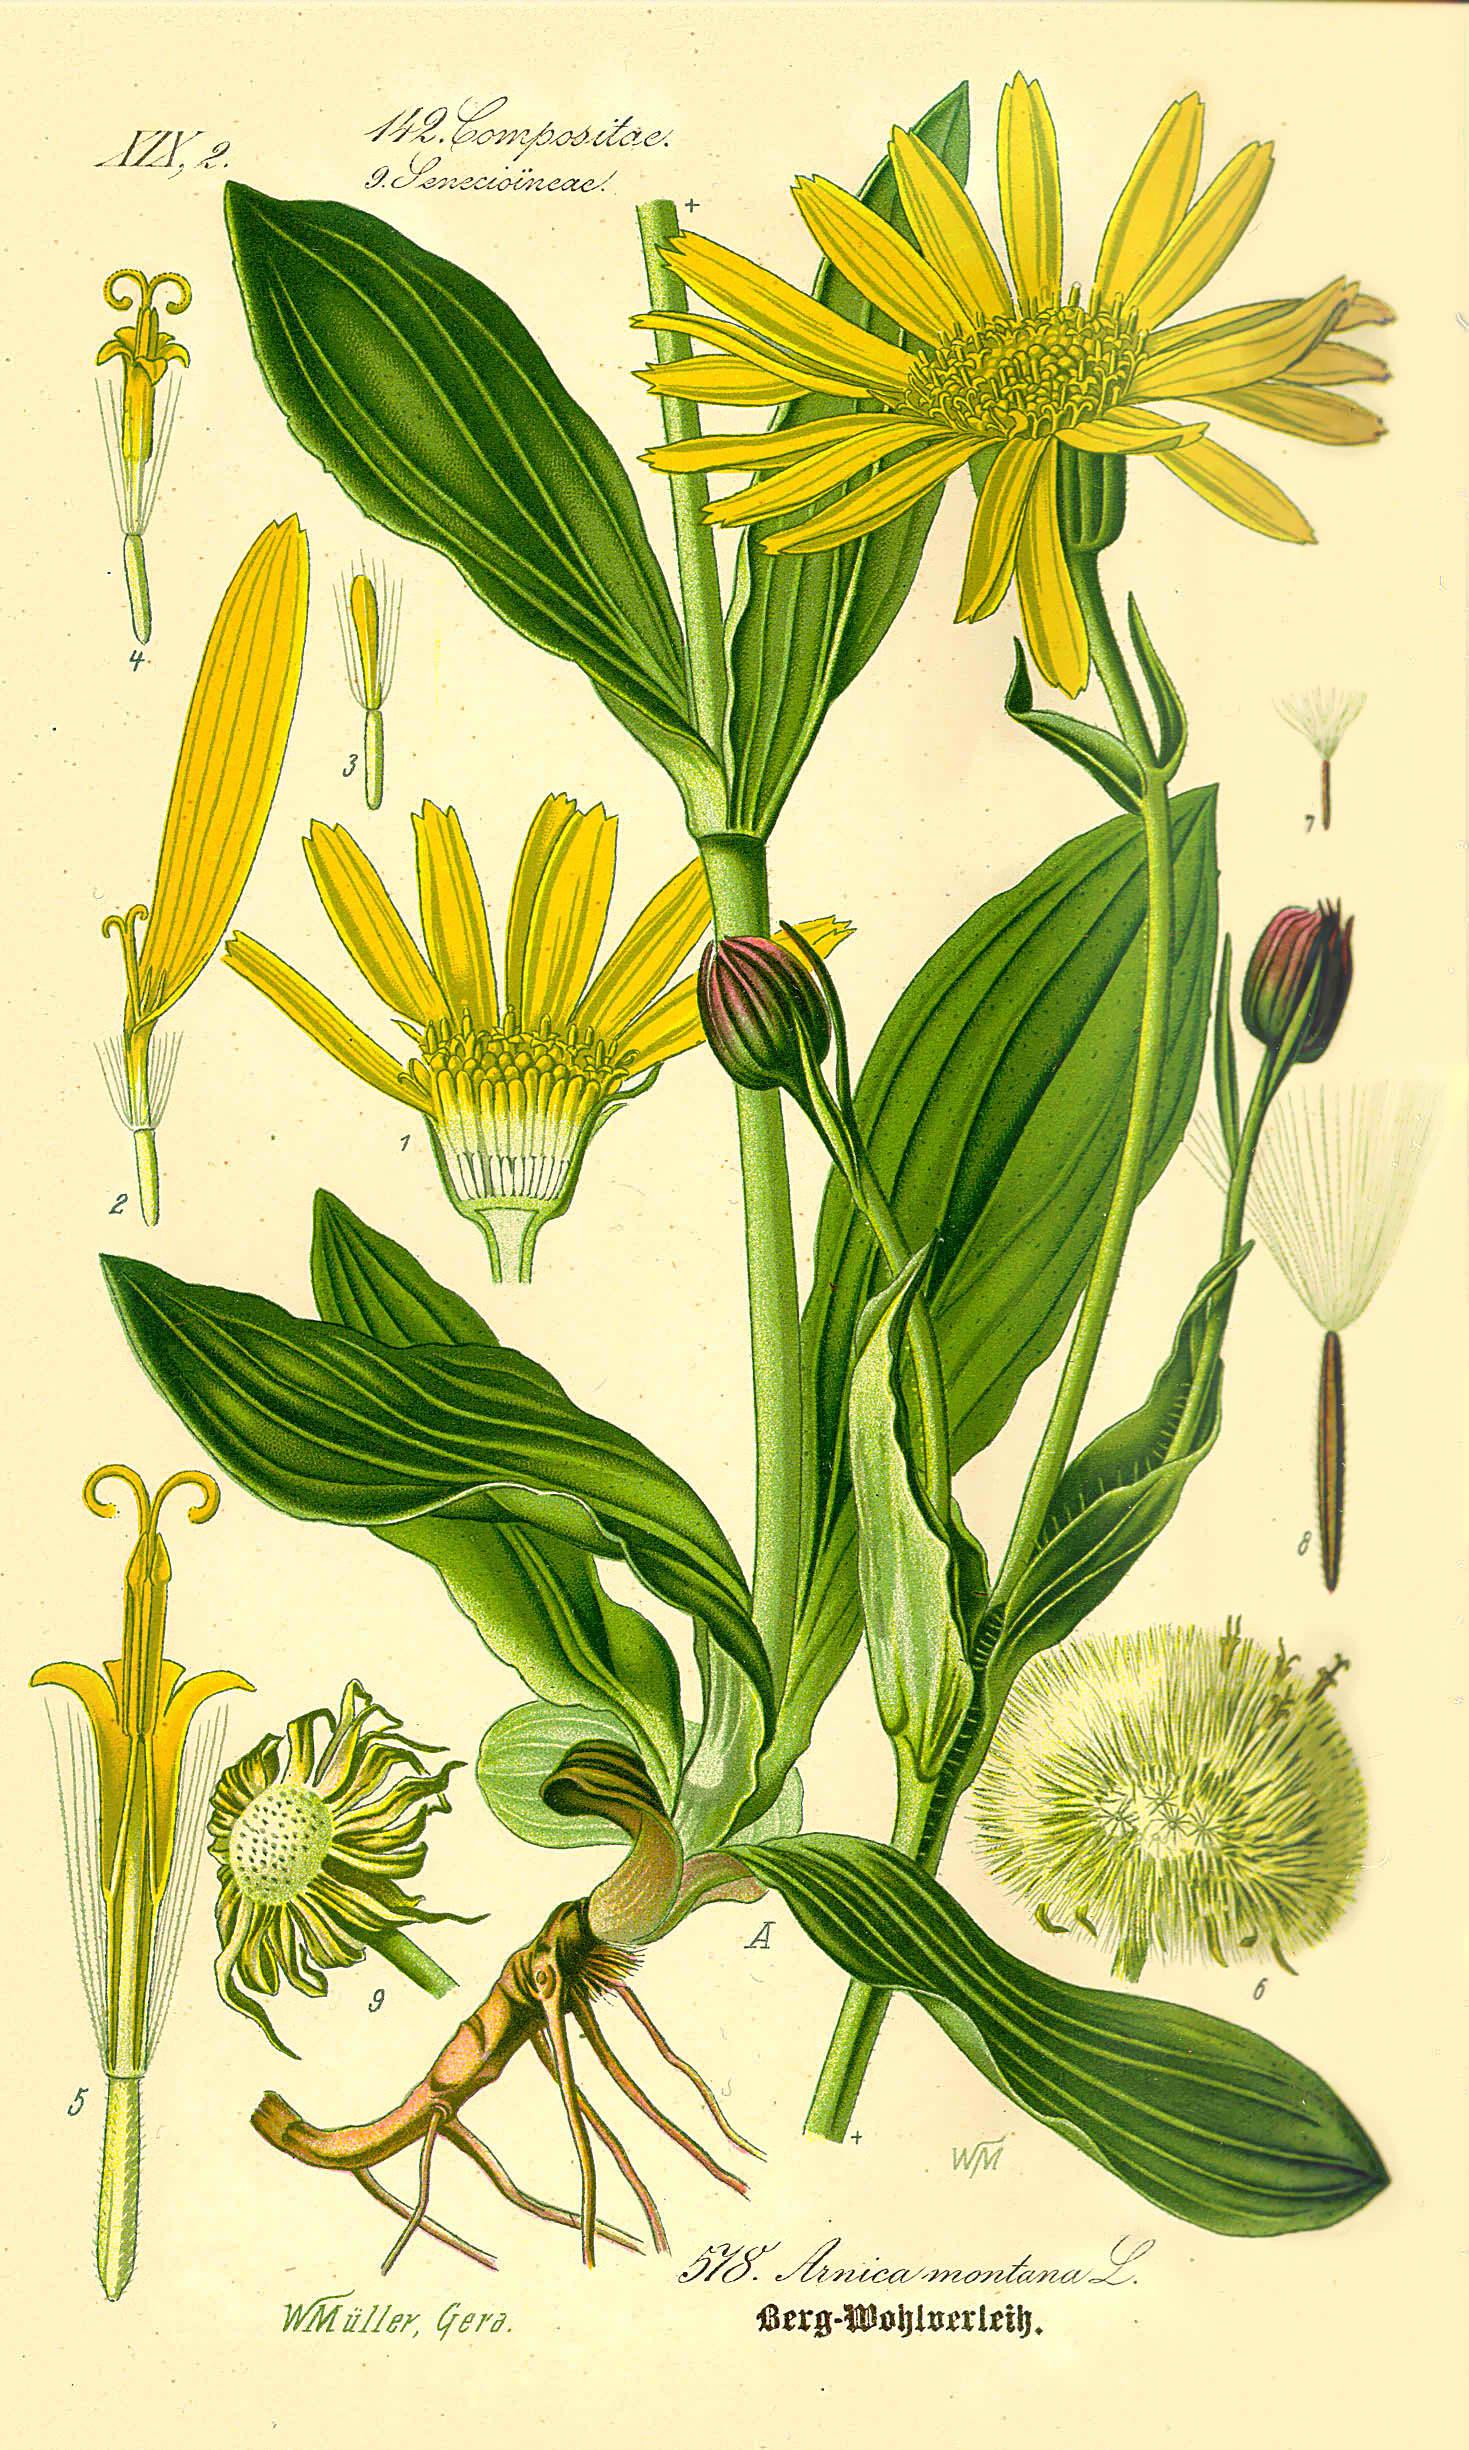 Fot. Wikimedia. Za: Prof. Dr. Otto Wilhelm Thomé Flora von Deutschland, Österreich und der Schweiz 1885, Gera, Germany